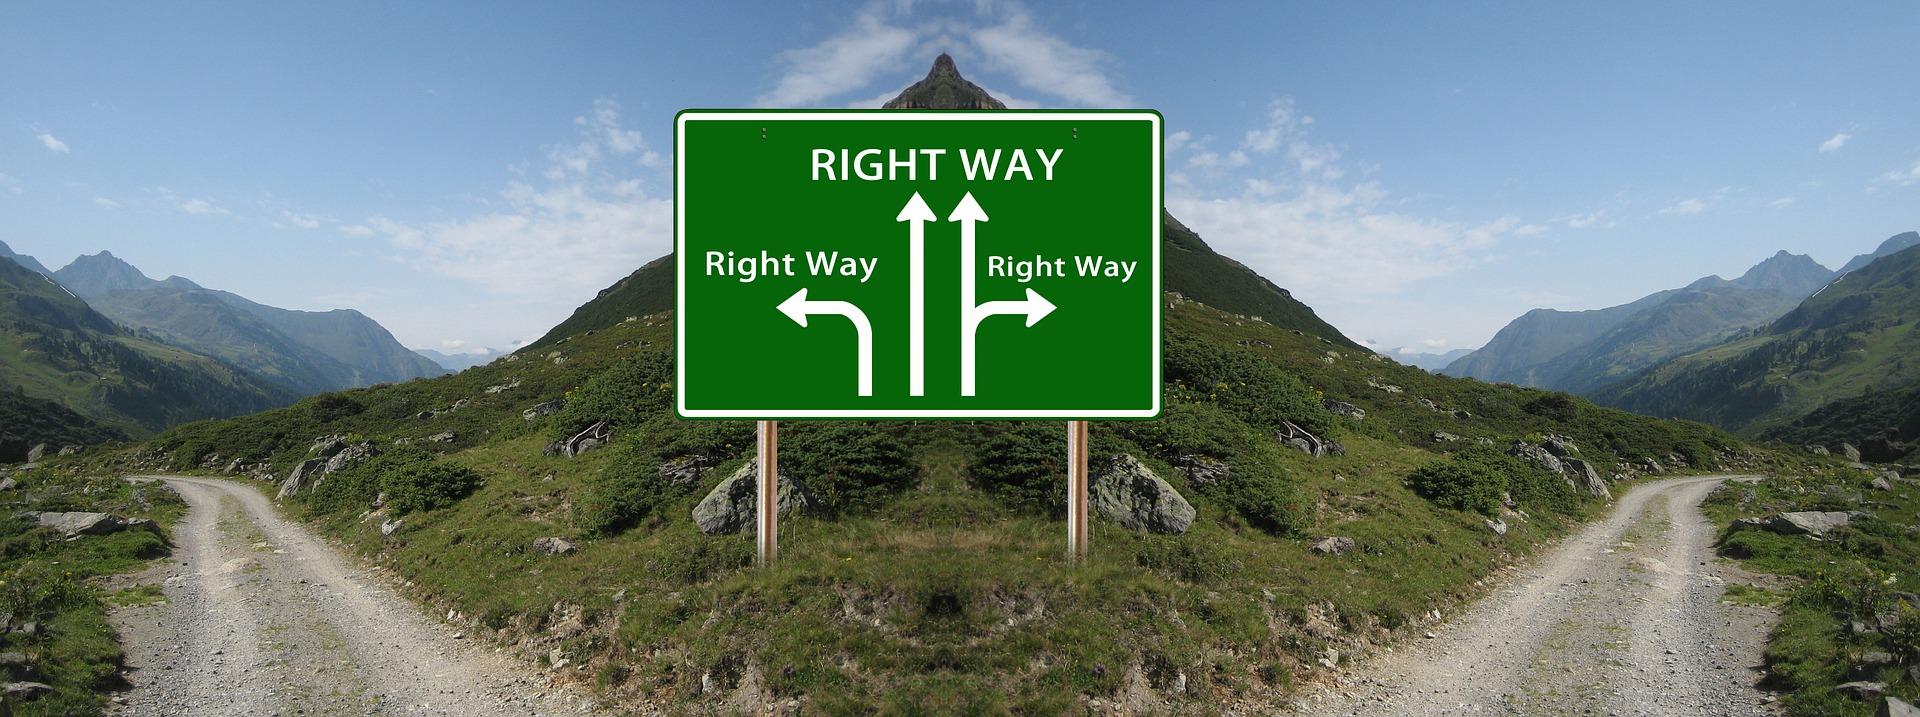 Netjes zakendoen versus kiezen voor jezelf